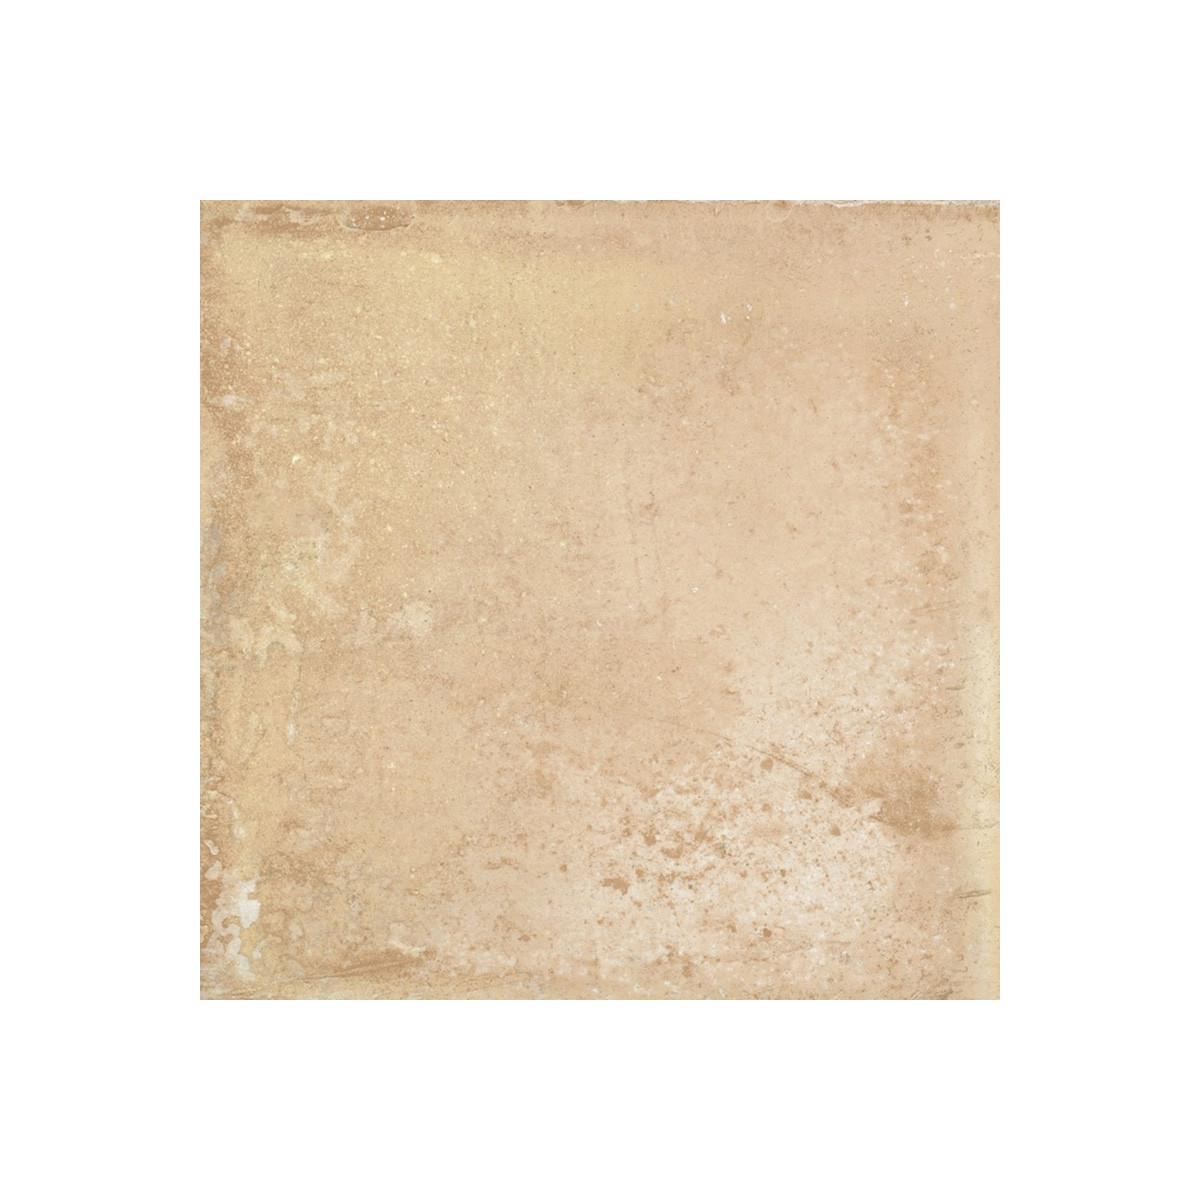 Rustic Crema Colección Rustic de Gaya Fores